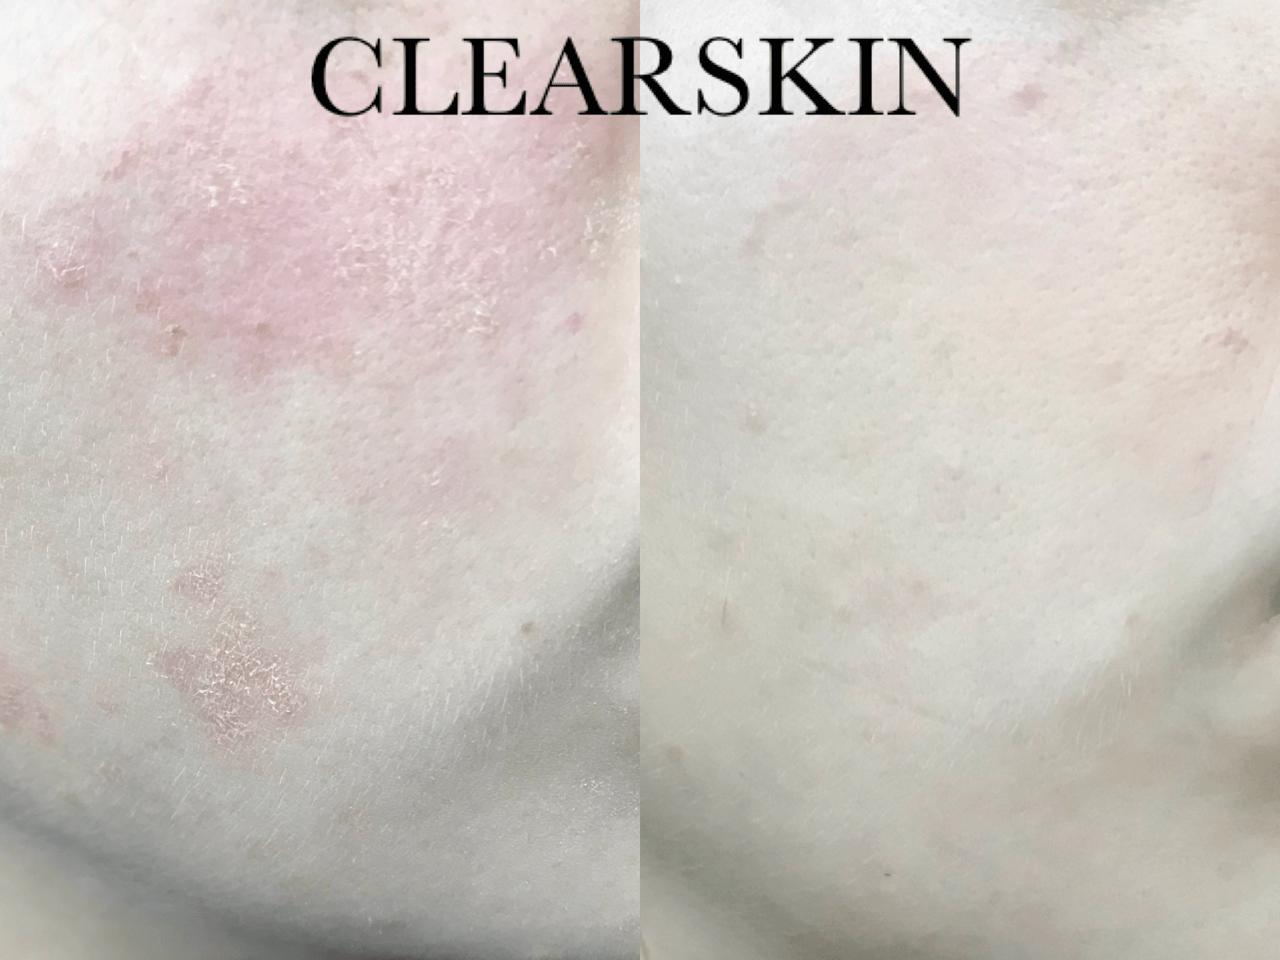 Eczeem resultaat van Clearskin huidinstituut en acne institu